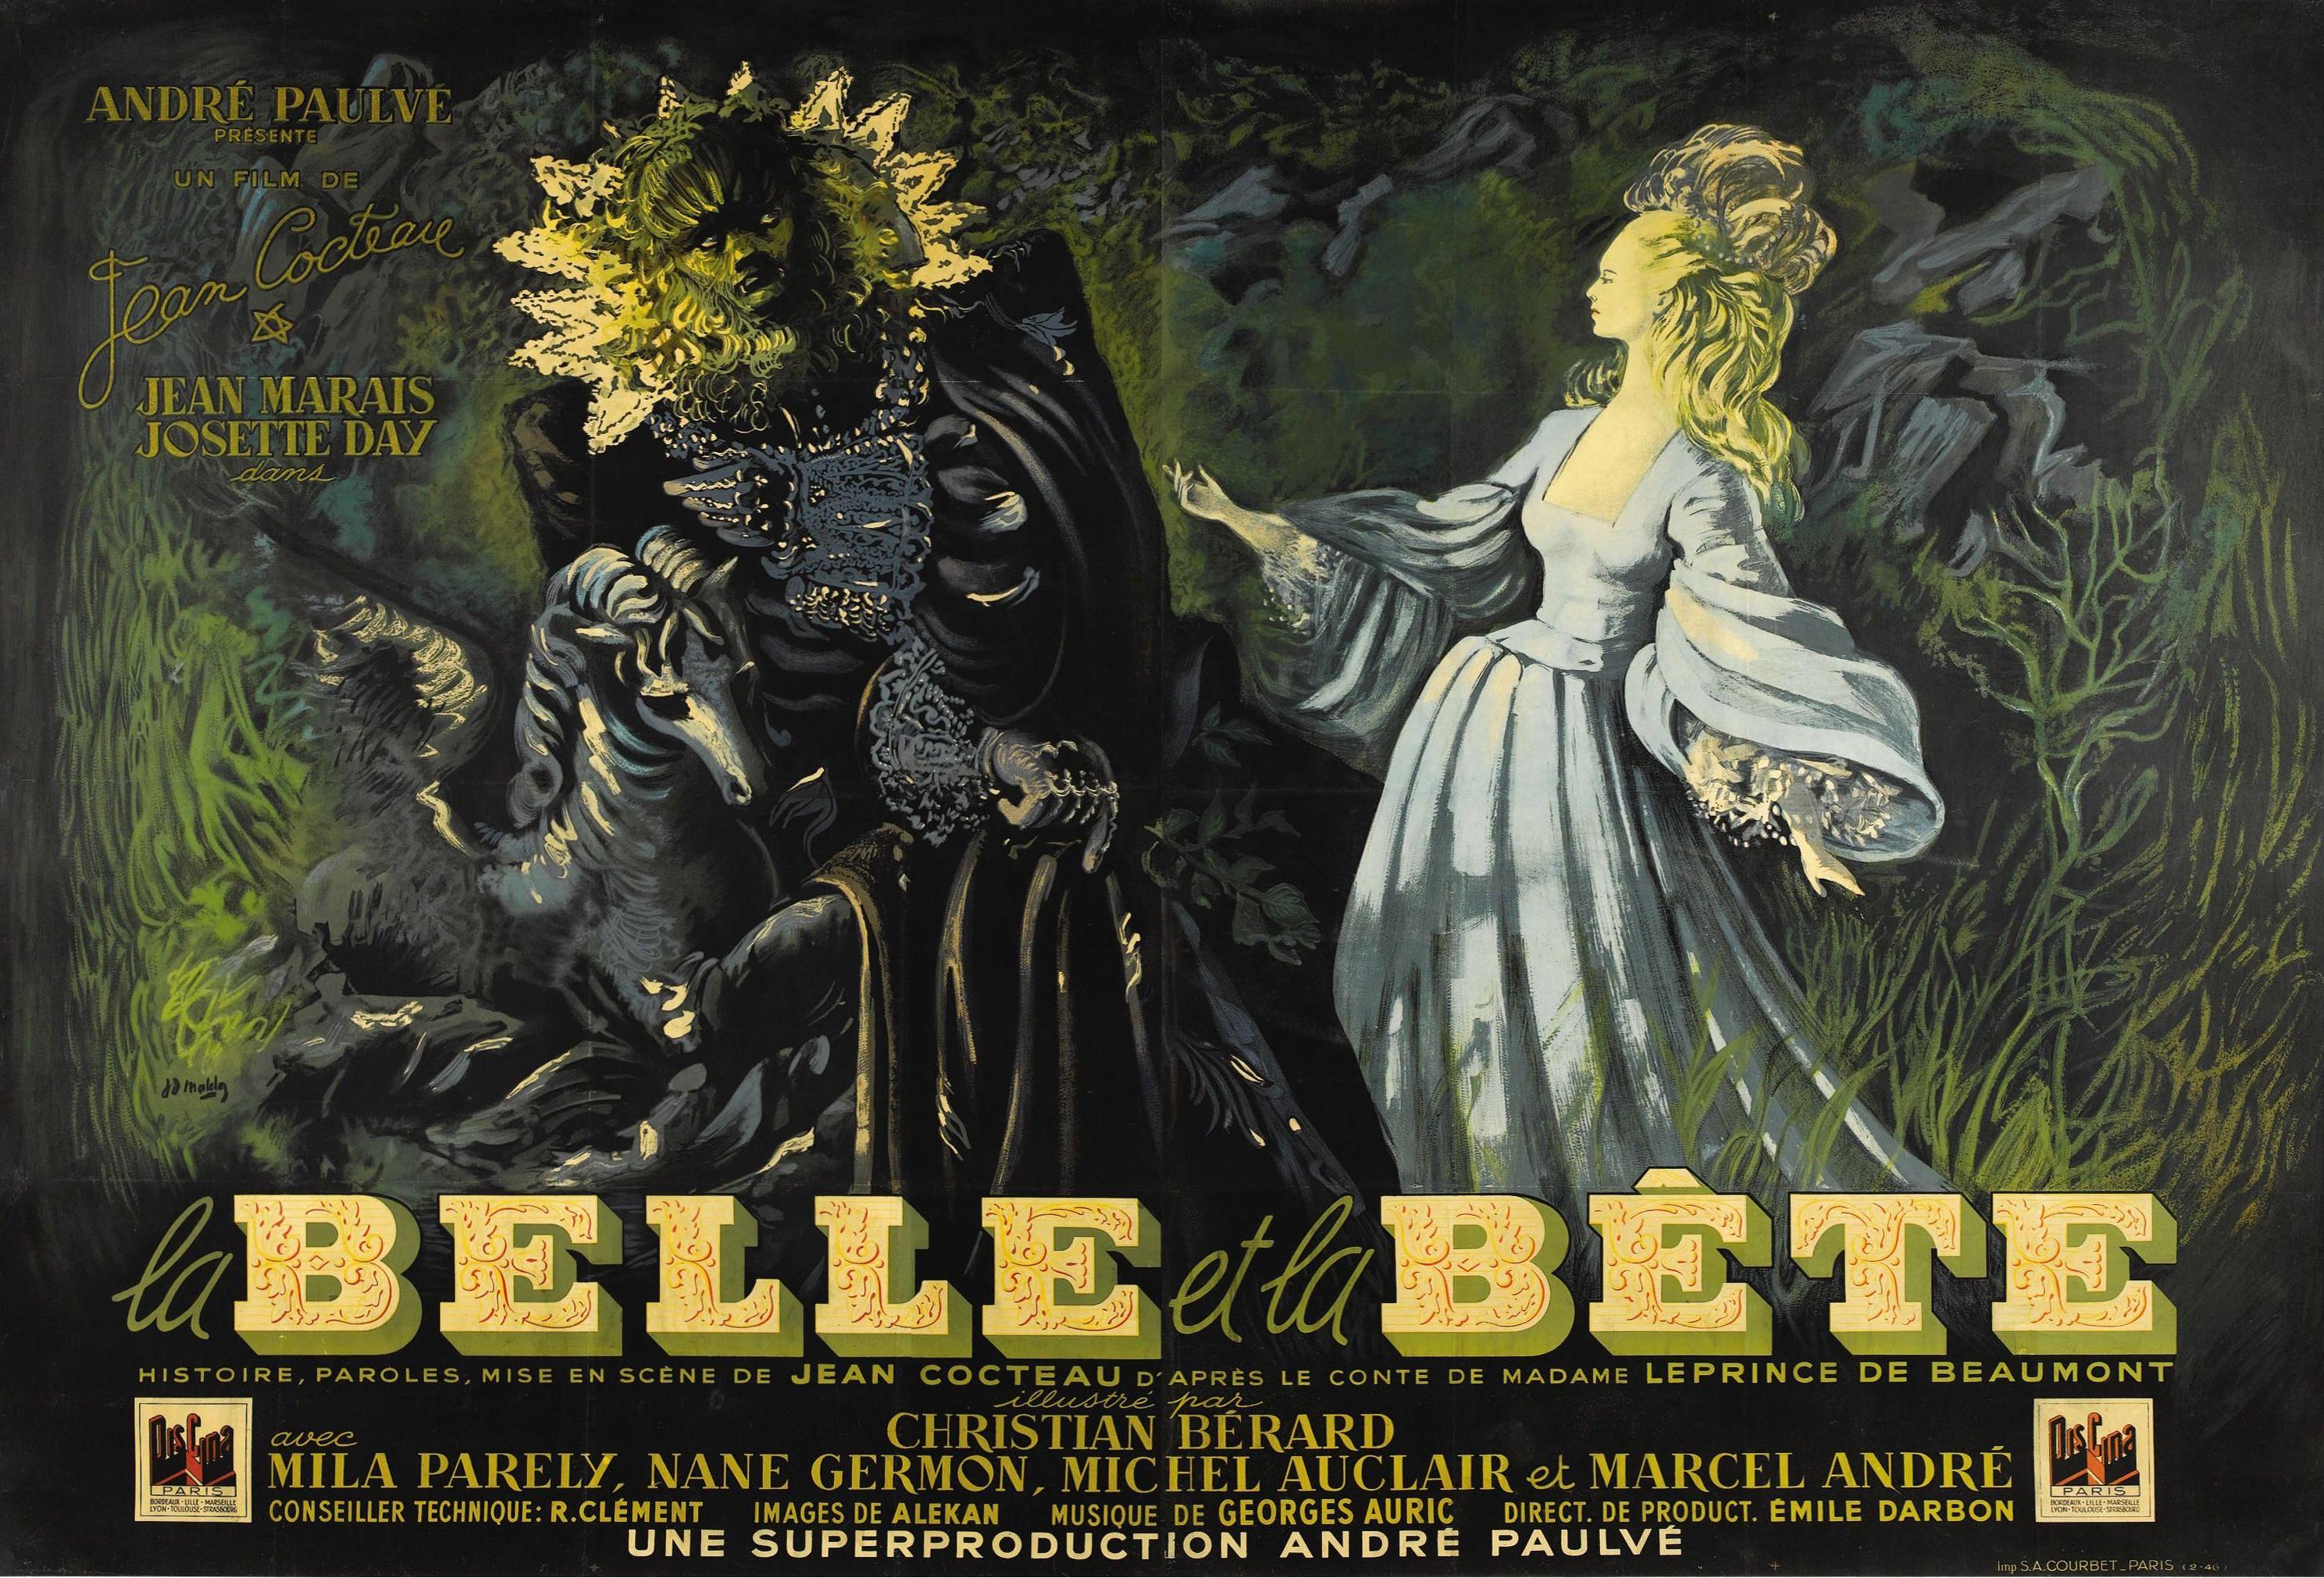 Chez Jeanne Paquin Pierre Cardin Rencontre Jean Cocteau Et Christian Berard Qui Lui Confieront L Beauty And The Beast Movie The Beast Movie Vintage Poster Art